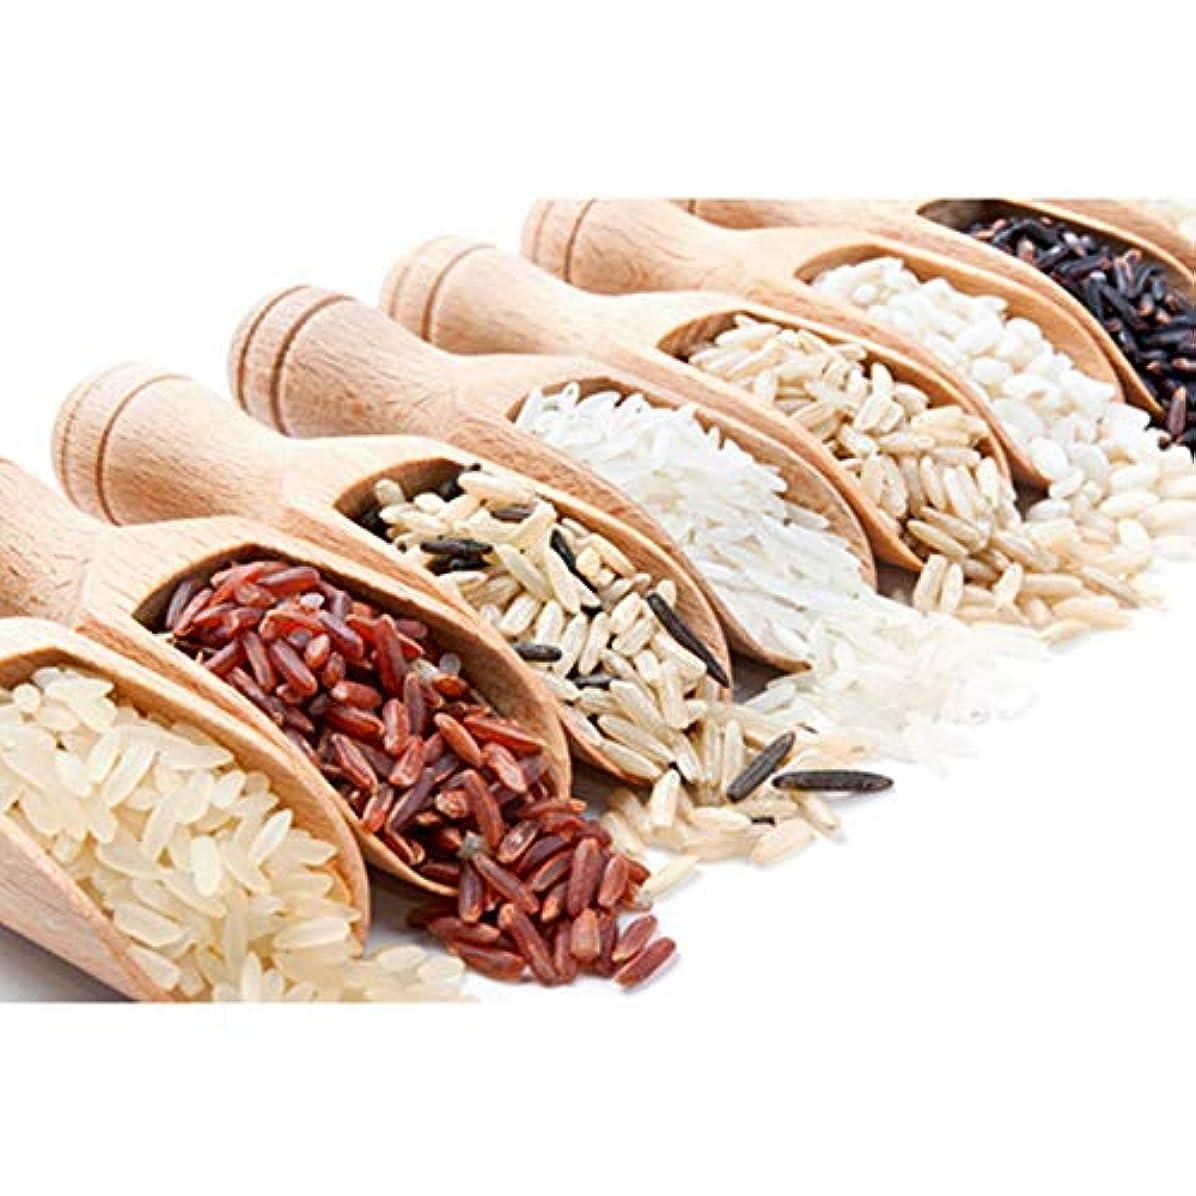 受粉者委任する解任3個入りミニ木製塩スプーン、ミルクパウダー/コーヒー/紅茶/キャンディー/小麦粉塩ミニスプーンホームキッチンツール(7.2×2.2cm)